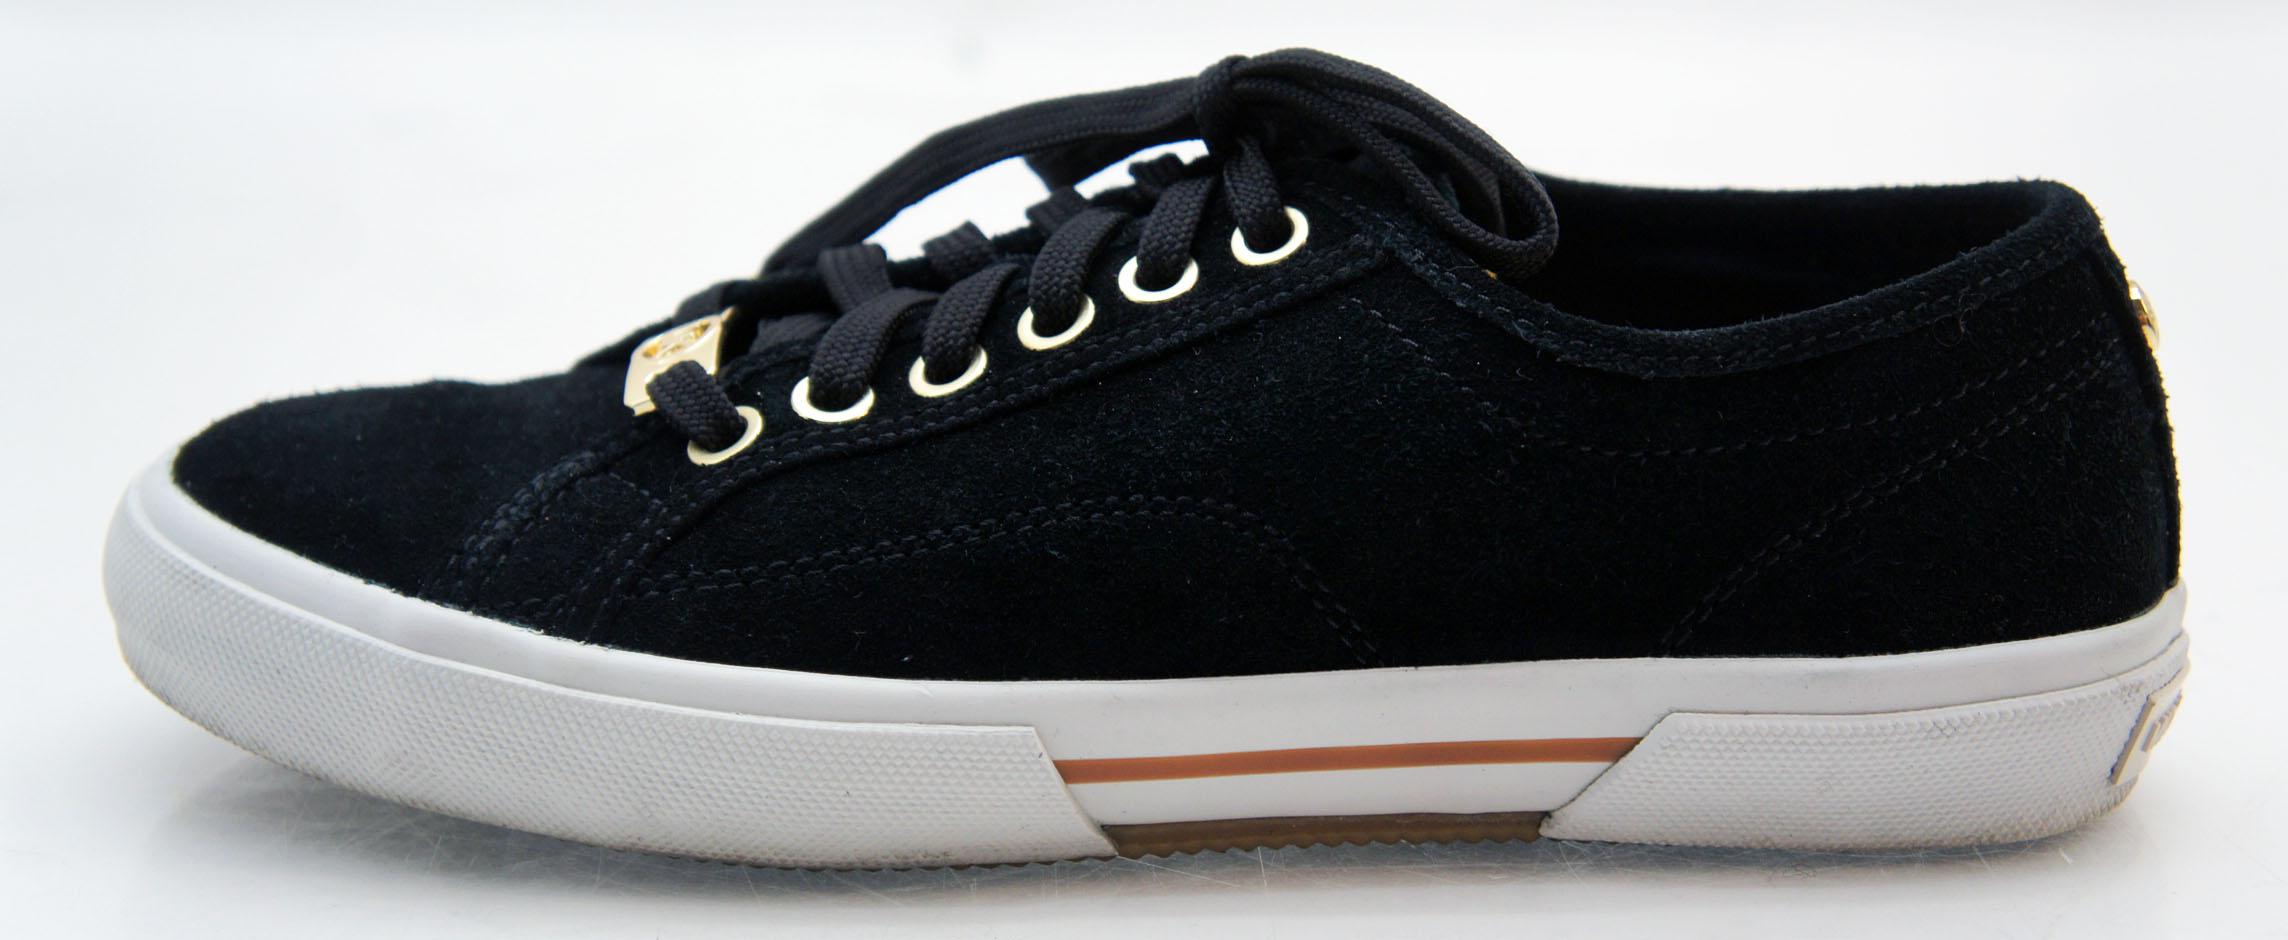 michael kors schuhe sneaker 25 best ideas about michael kors schuhe on pinterest adidas. Black Bedroom Furniture Sets. Home Design Ideas